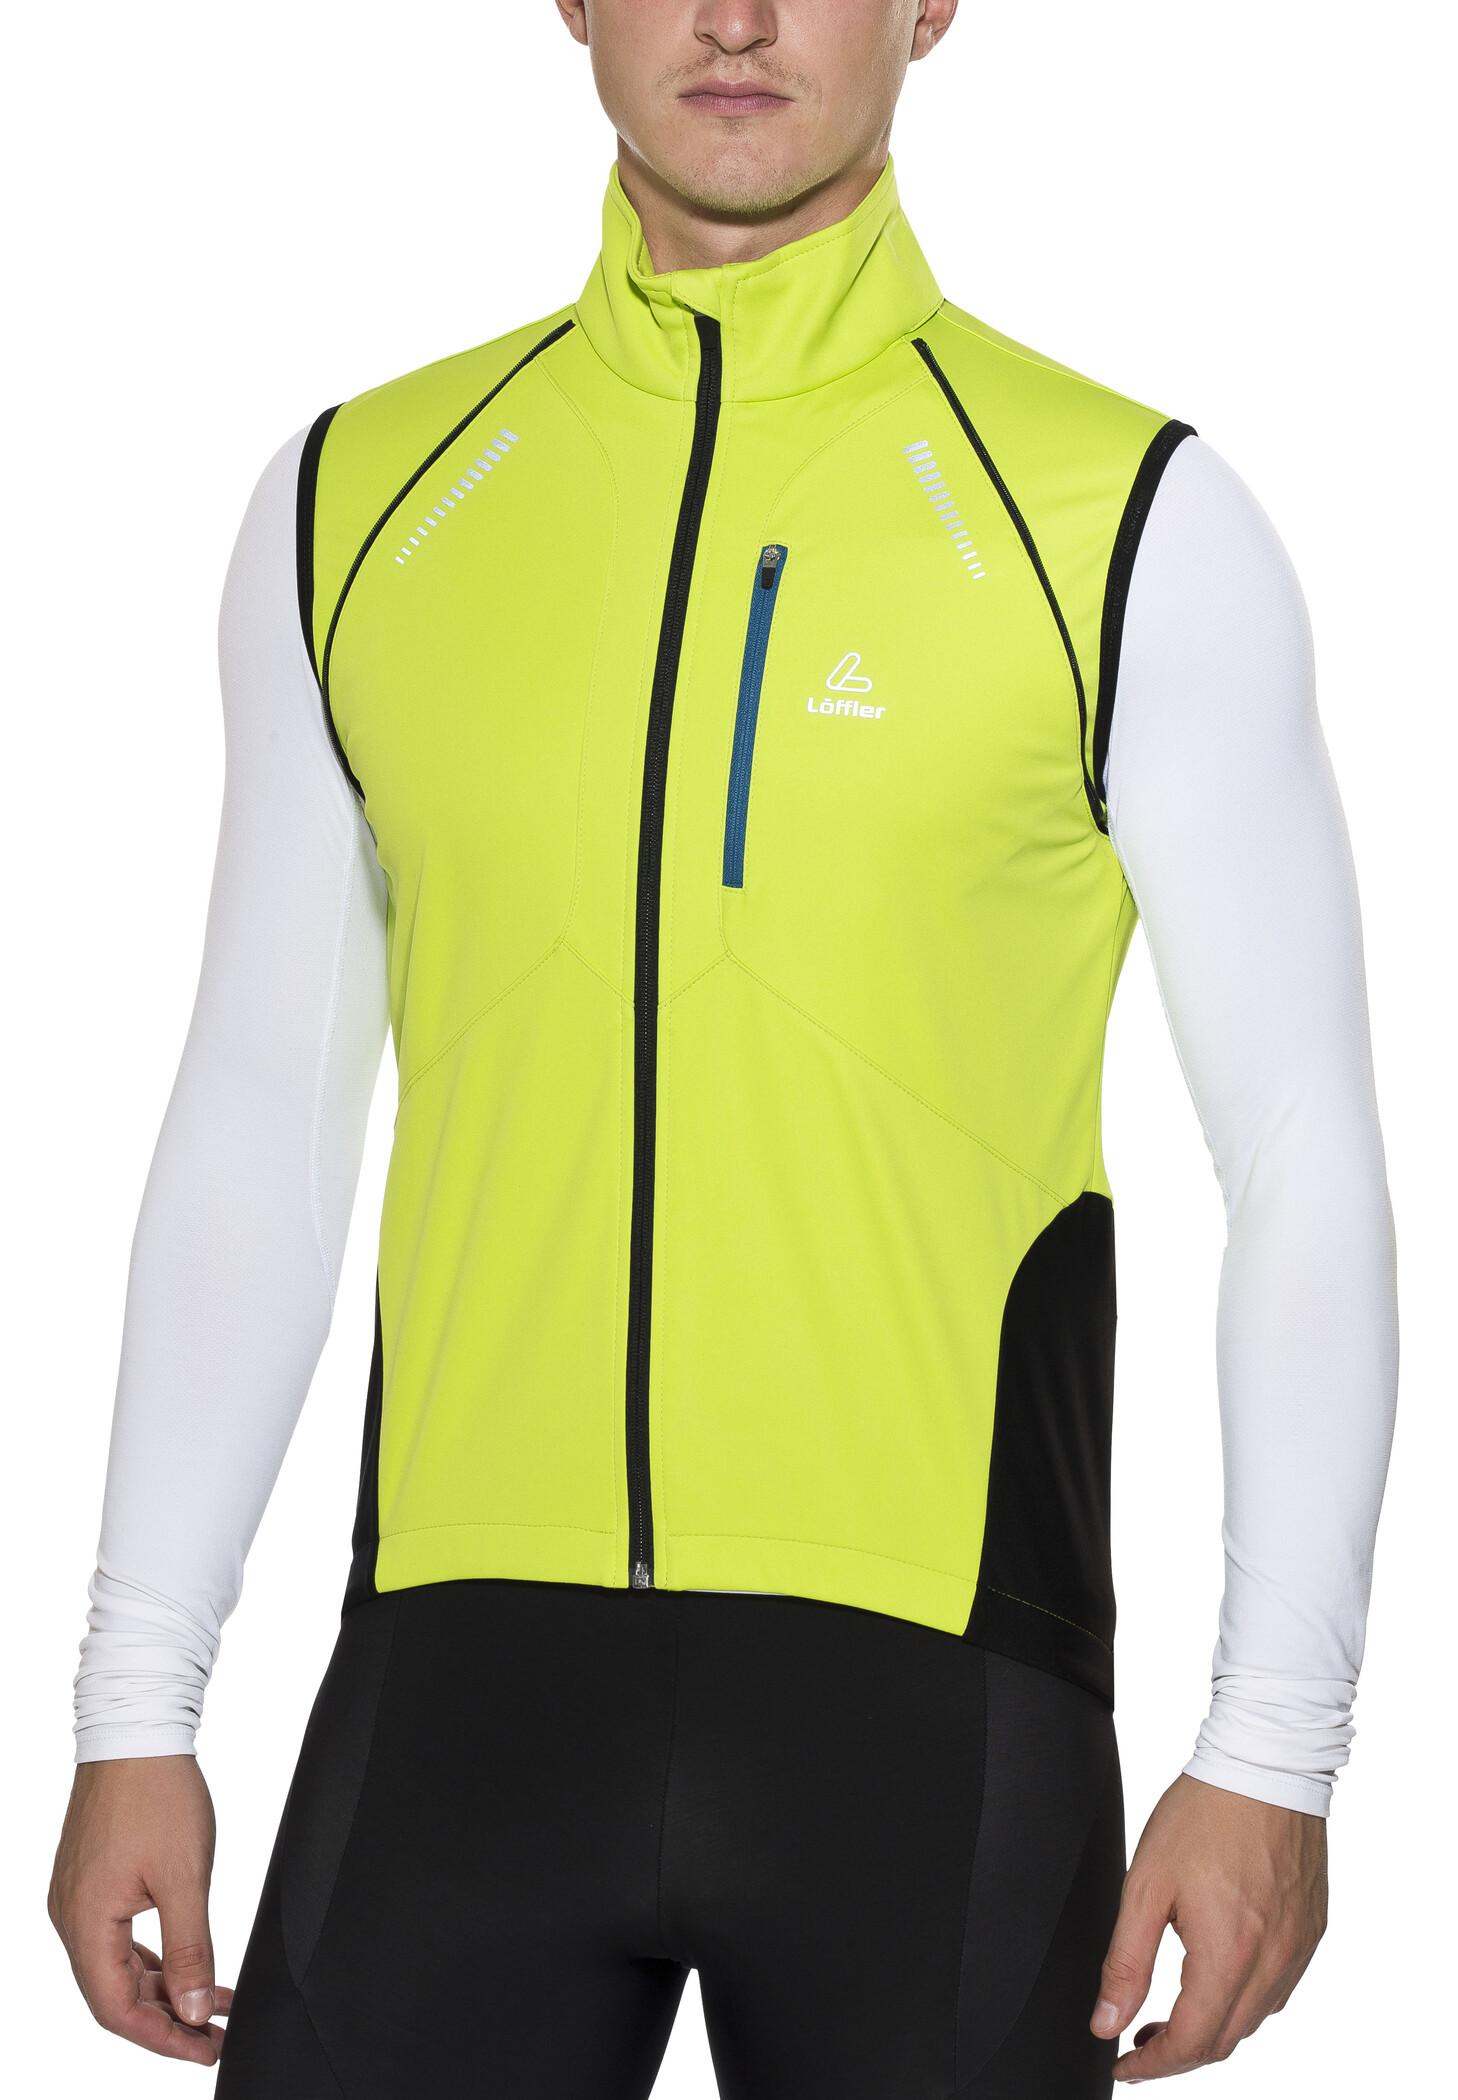 Löffler San Remo WS Softshell Light Zip Off Fahrrad Jacke Herren hellgrün